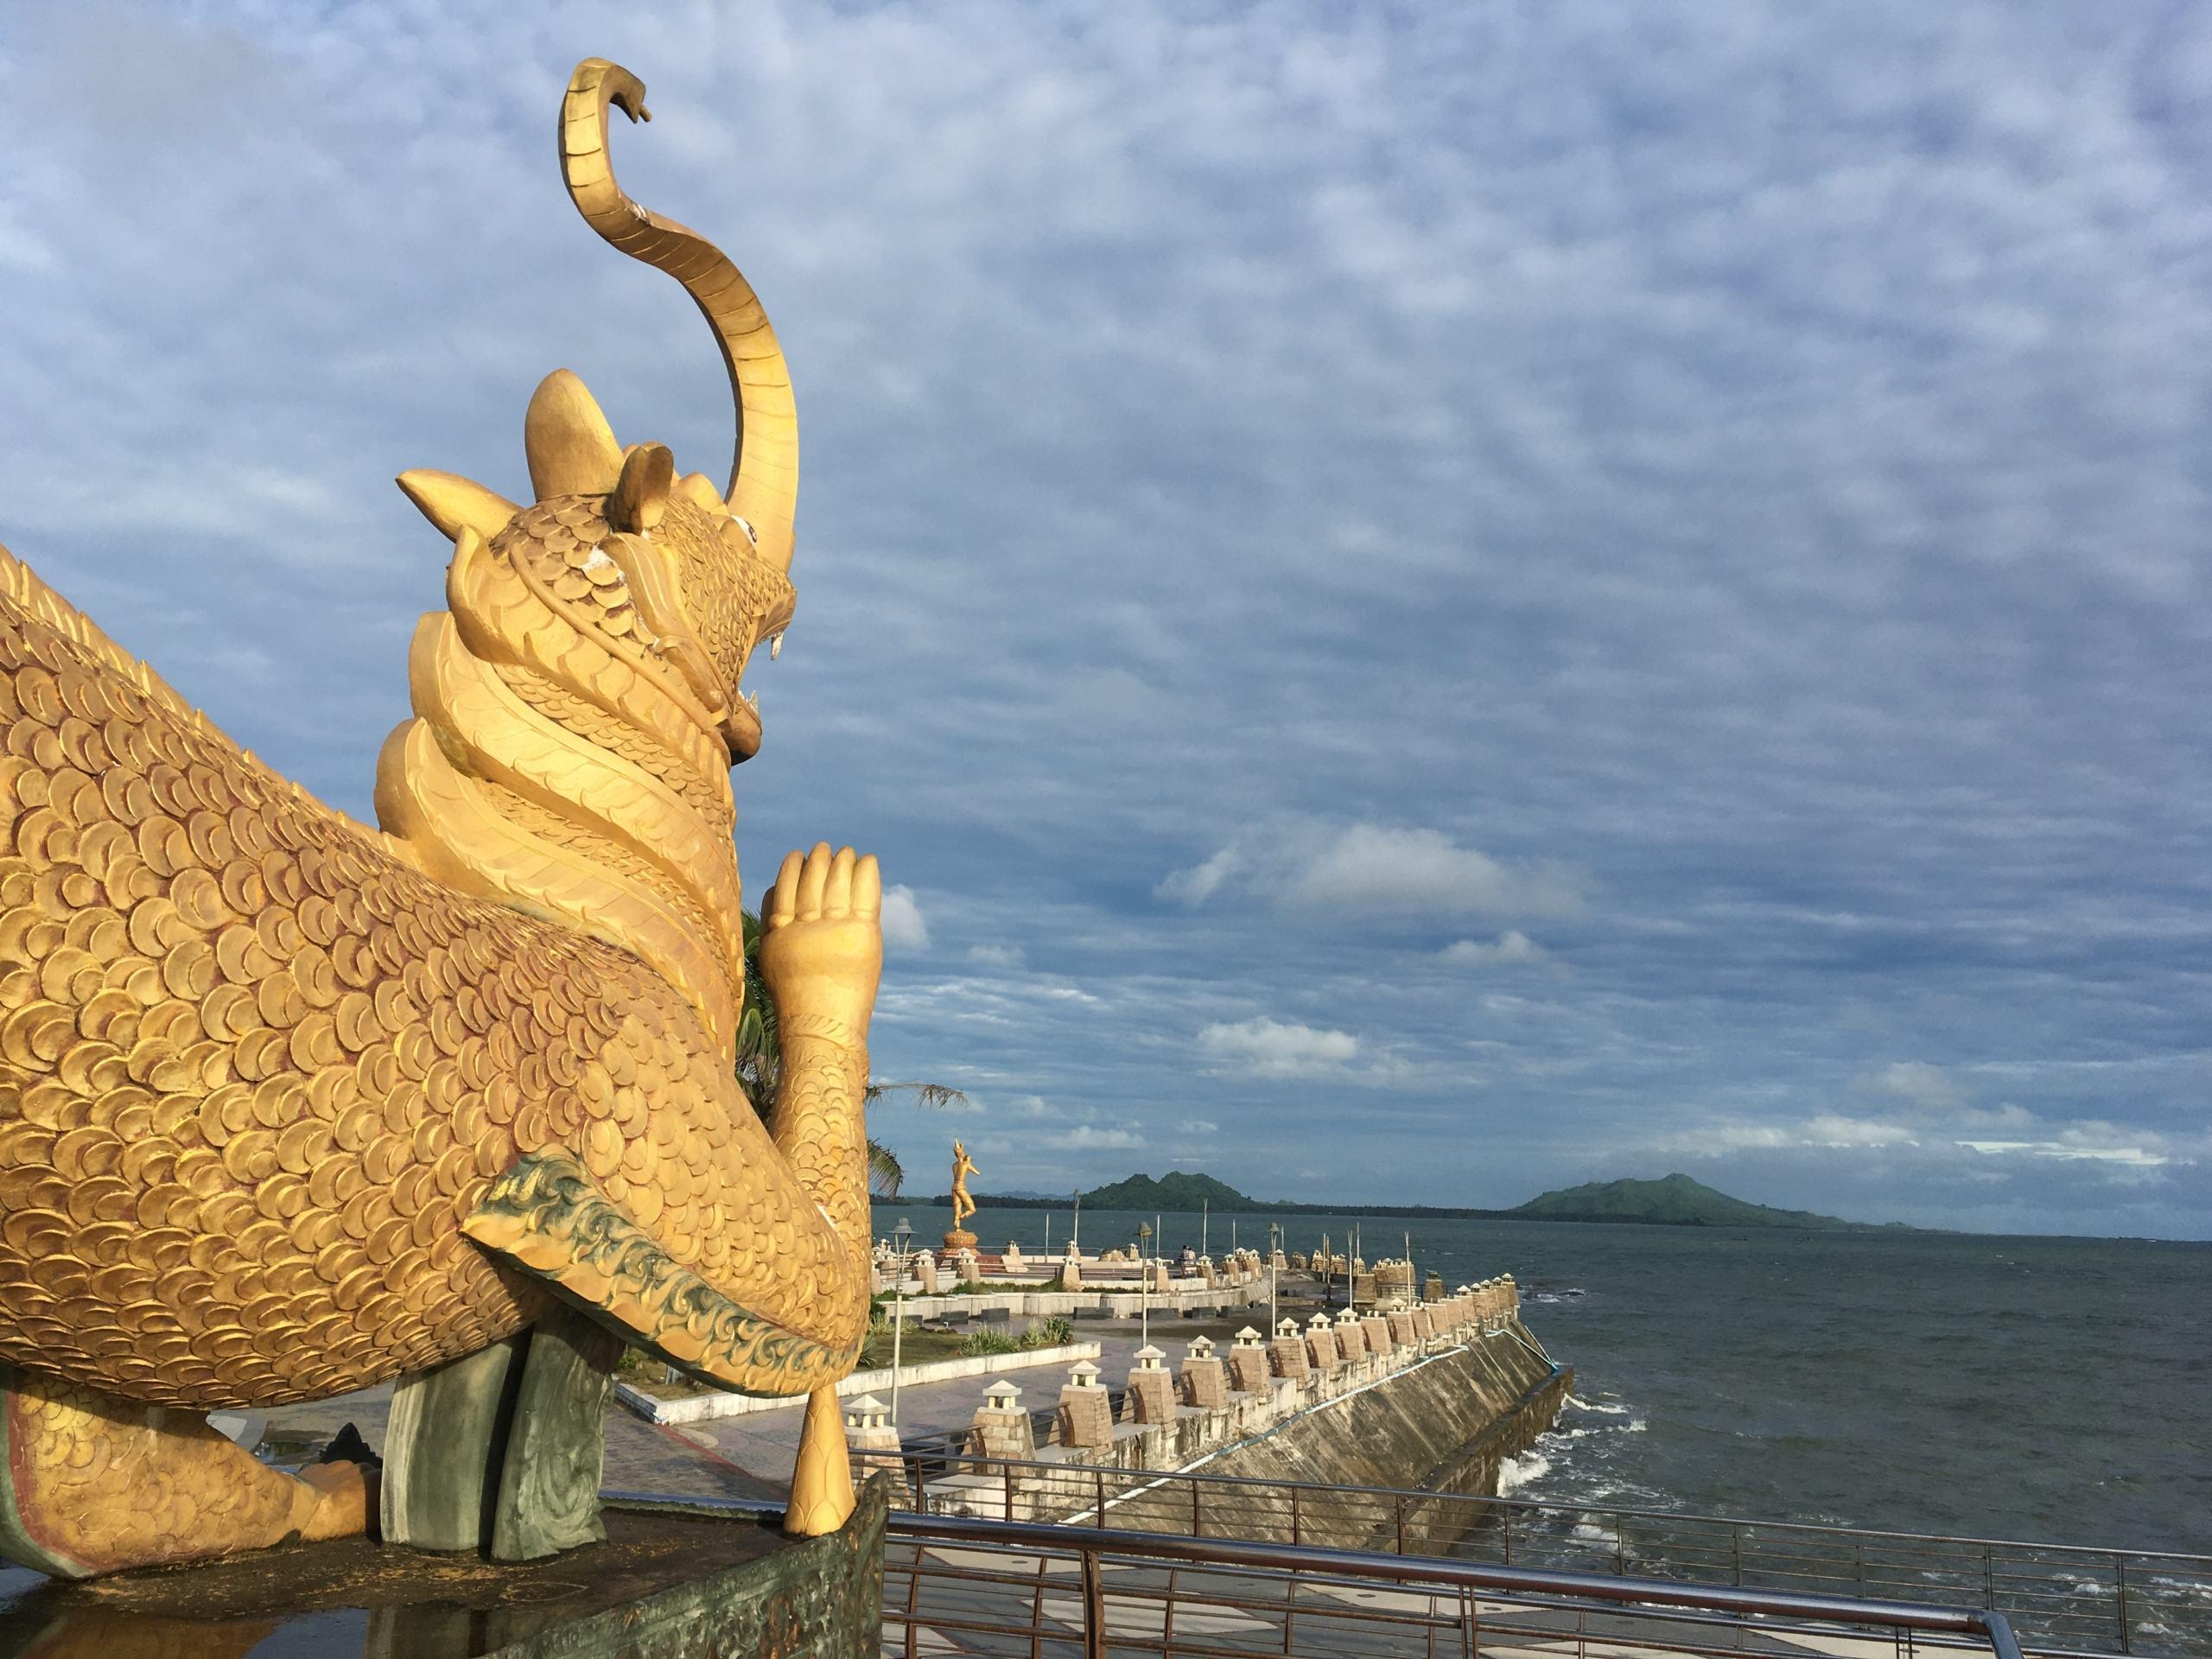 Tempi dorati Rakhine